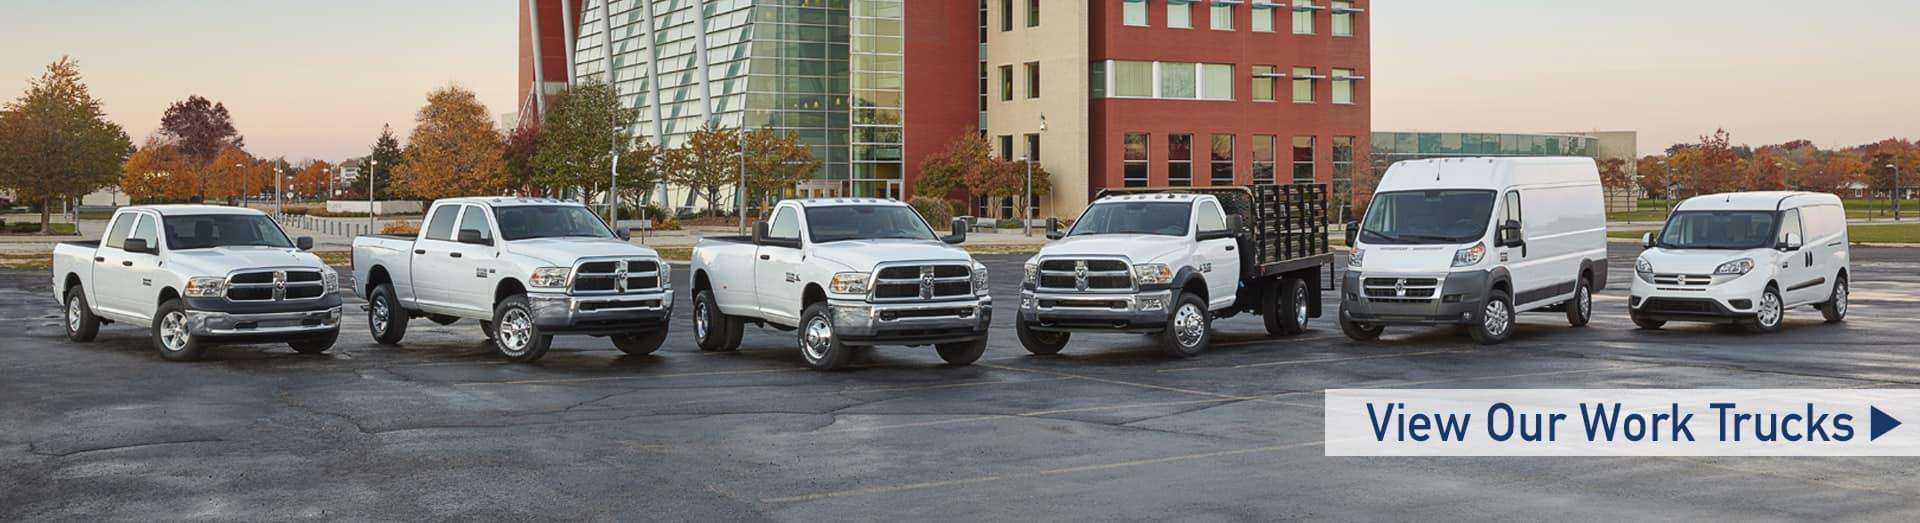 Mancaris Chrysler Dodge Jeep RAM Inc CDJR Dealer In Oak Lawn - The nearest chrysler dealership